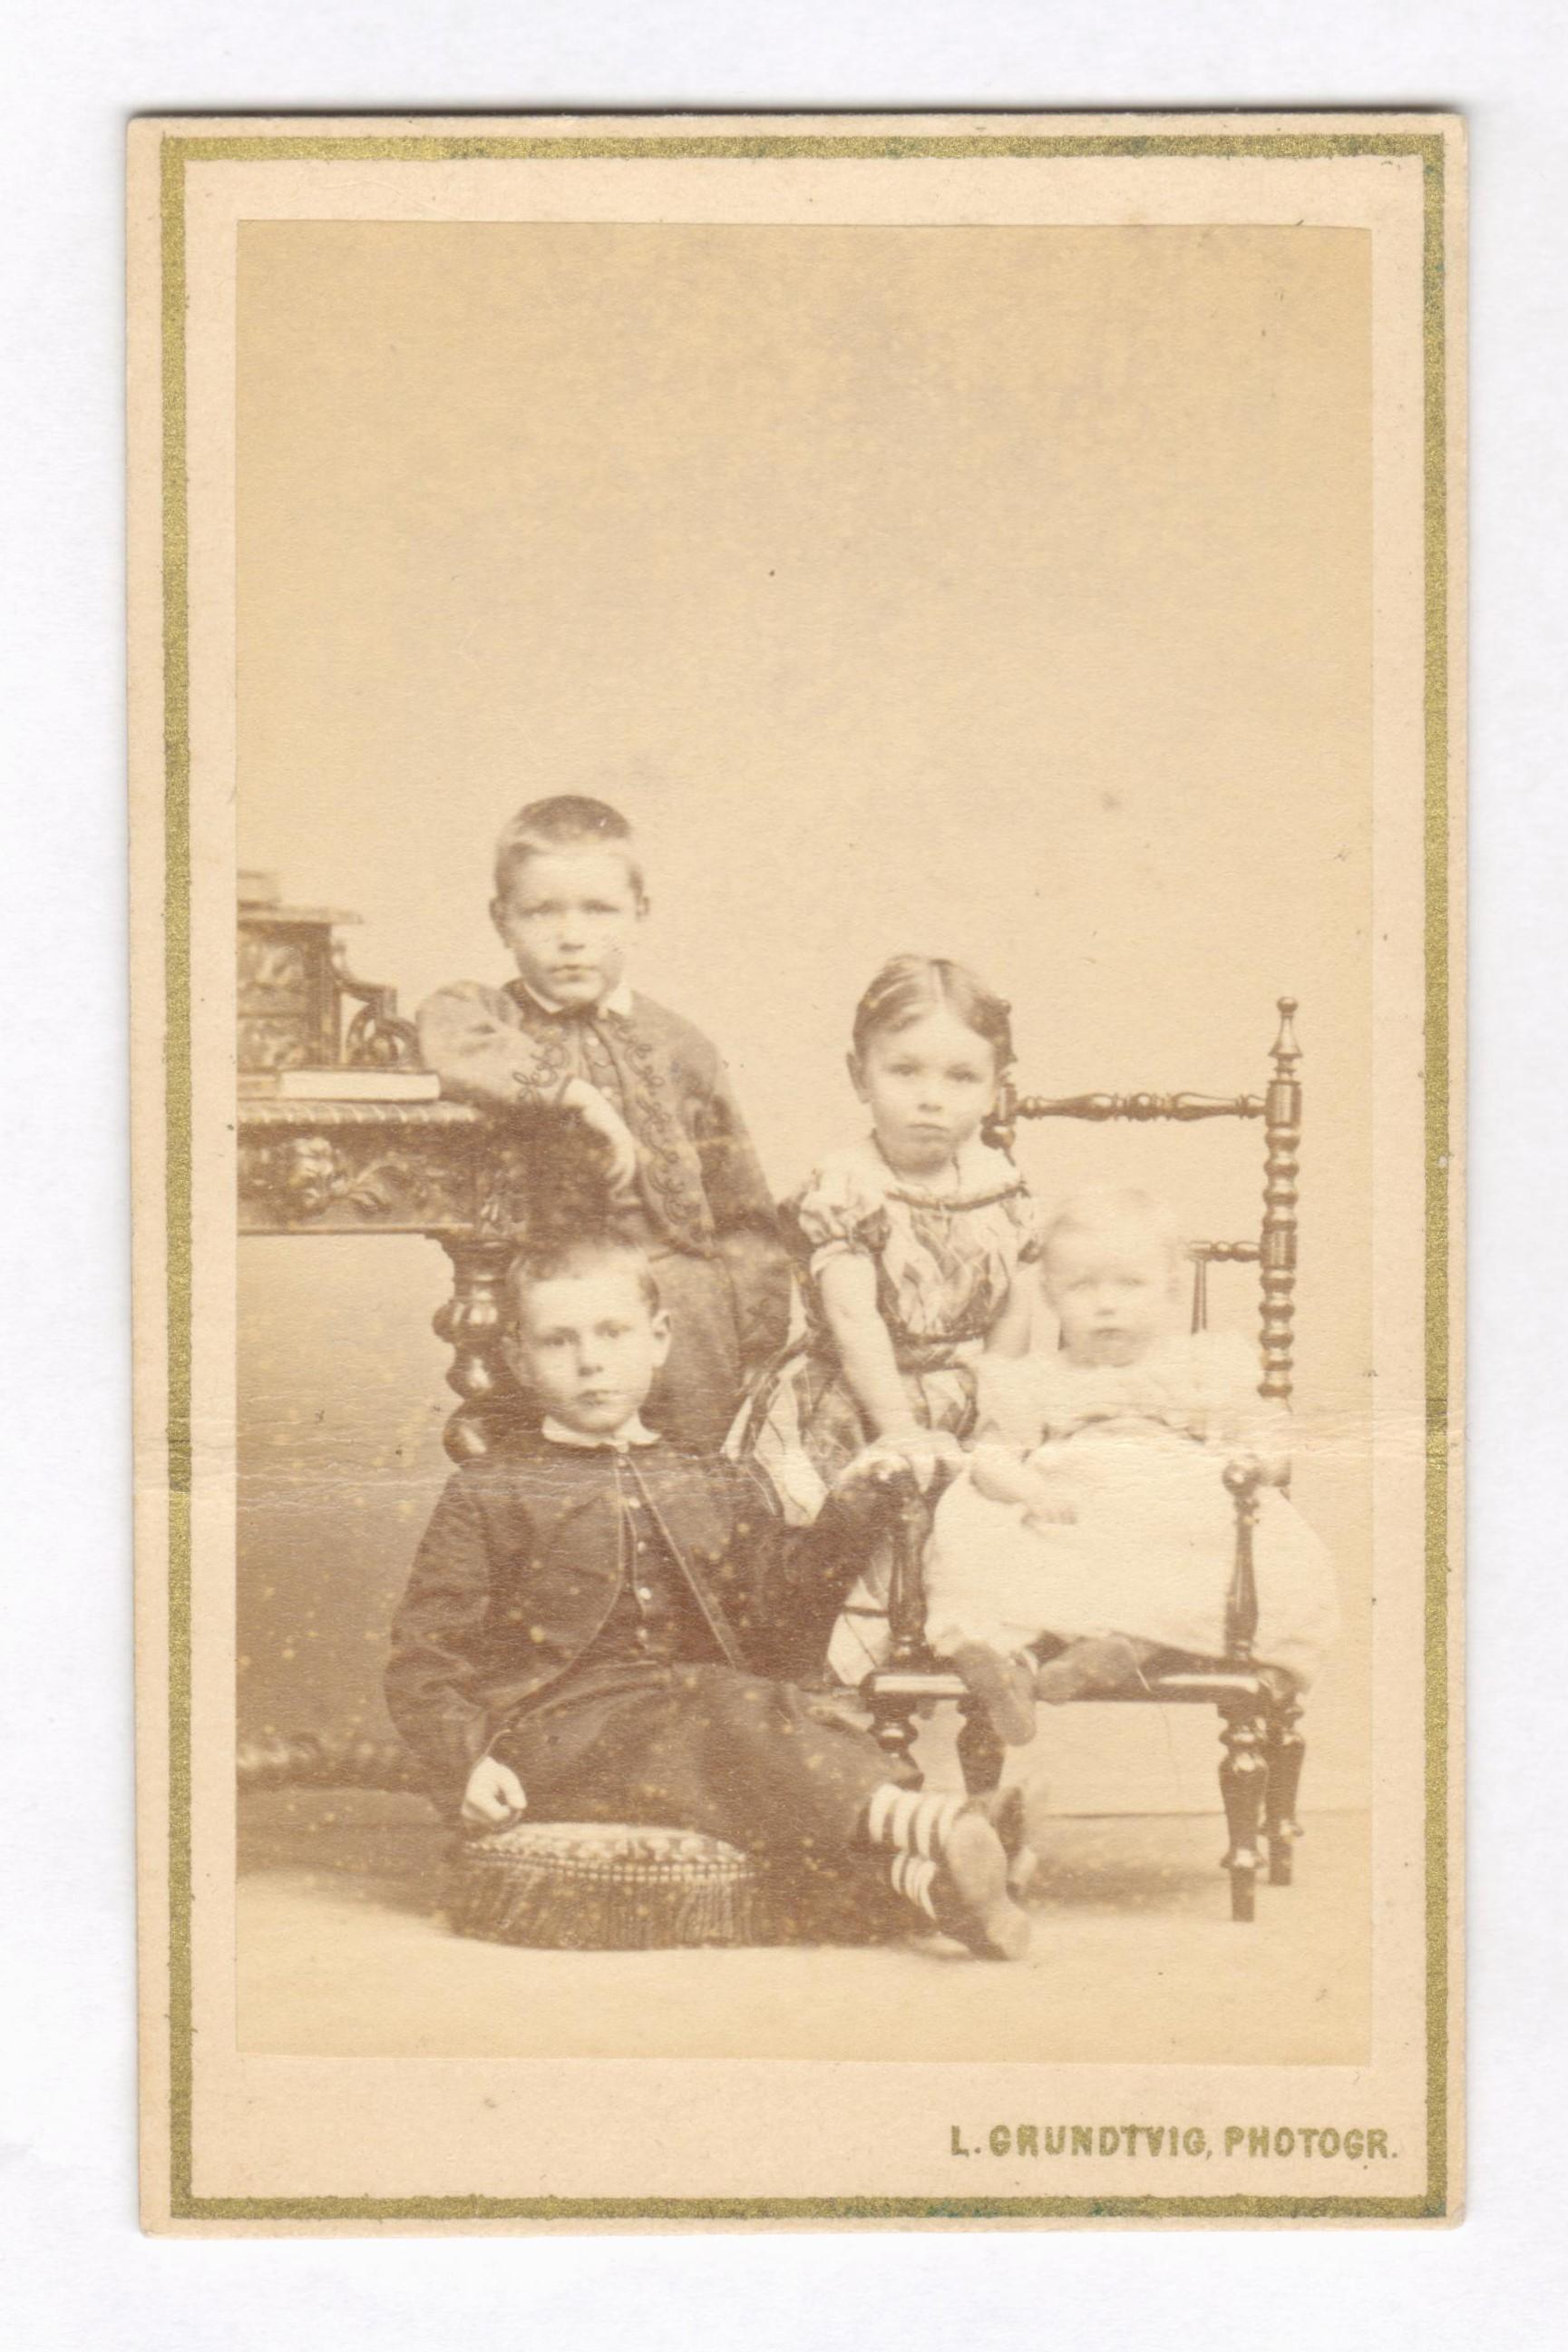 75.44  Christian, John, Betzy og Marie Honnens.  Børn af Gustav Honnens og hustru Jenny Honnens, Randers.  Fotograf L. Grudtvig, Amagertorv 10, København. Datering 1863-1883.